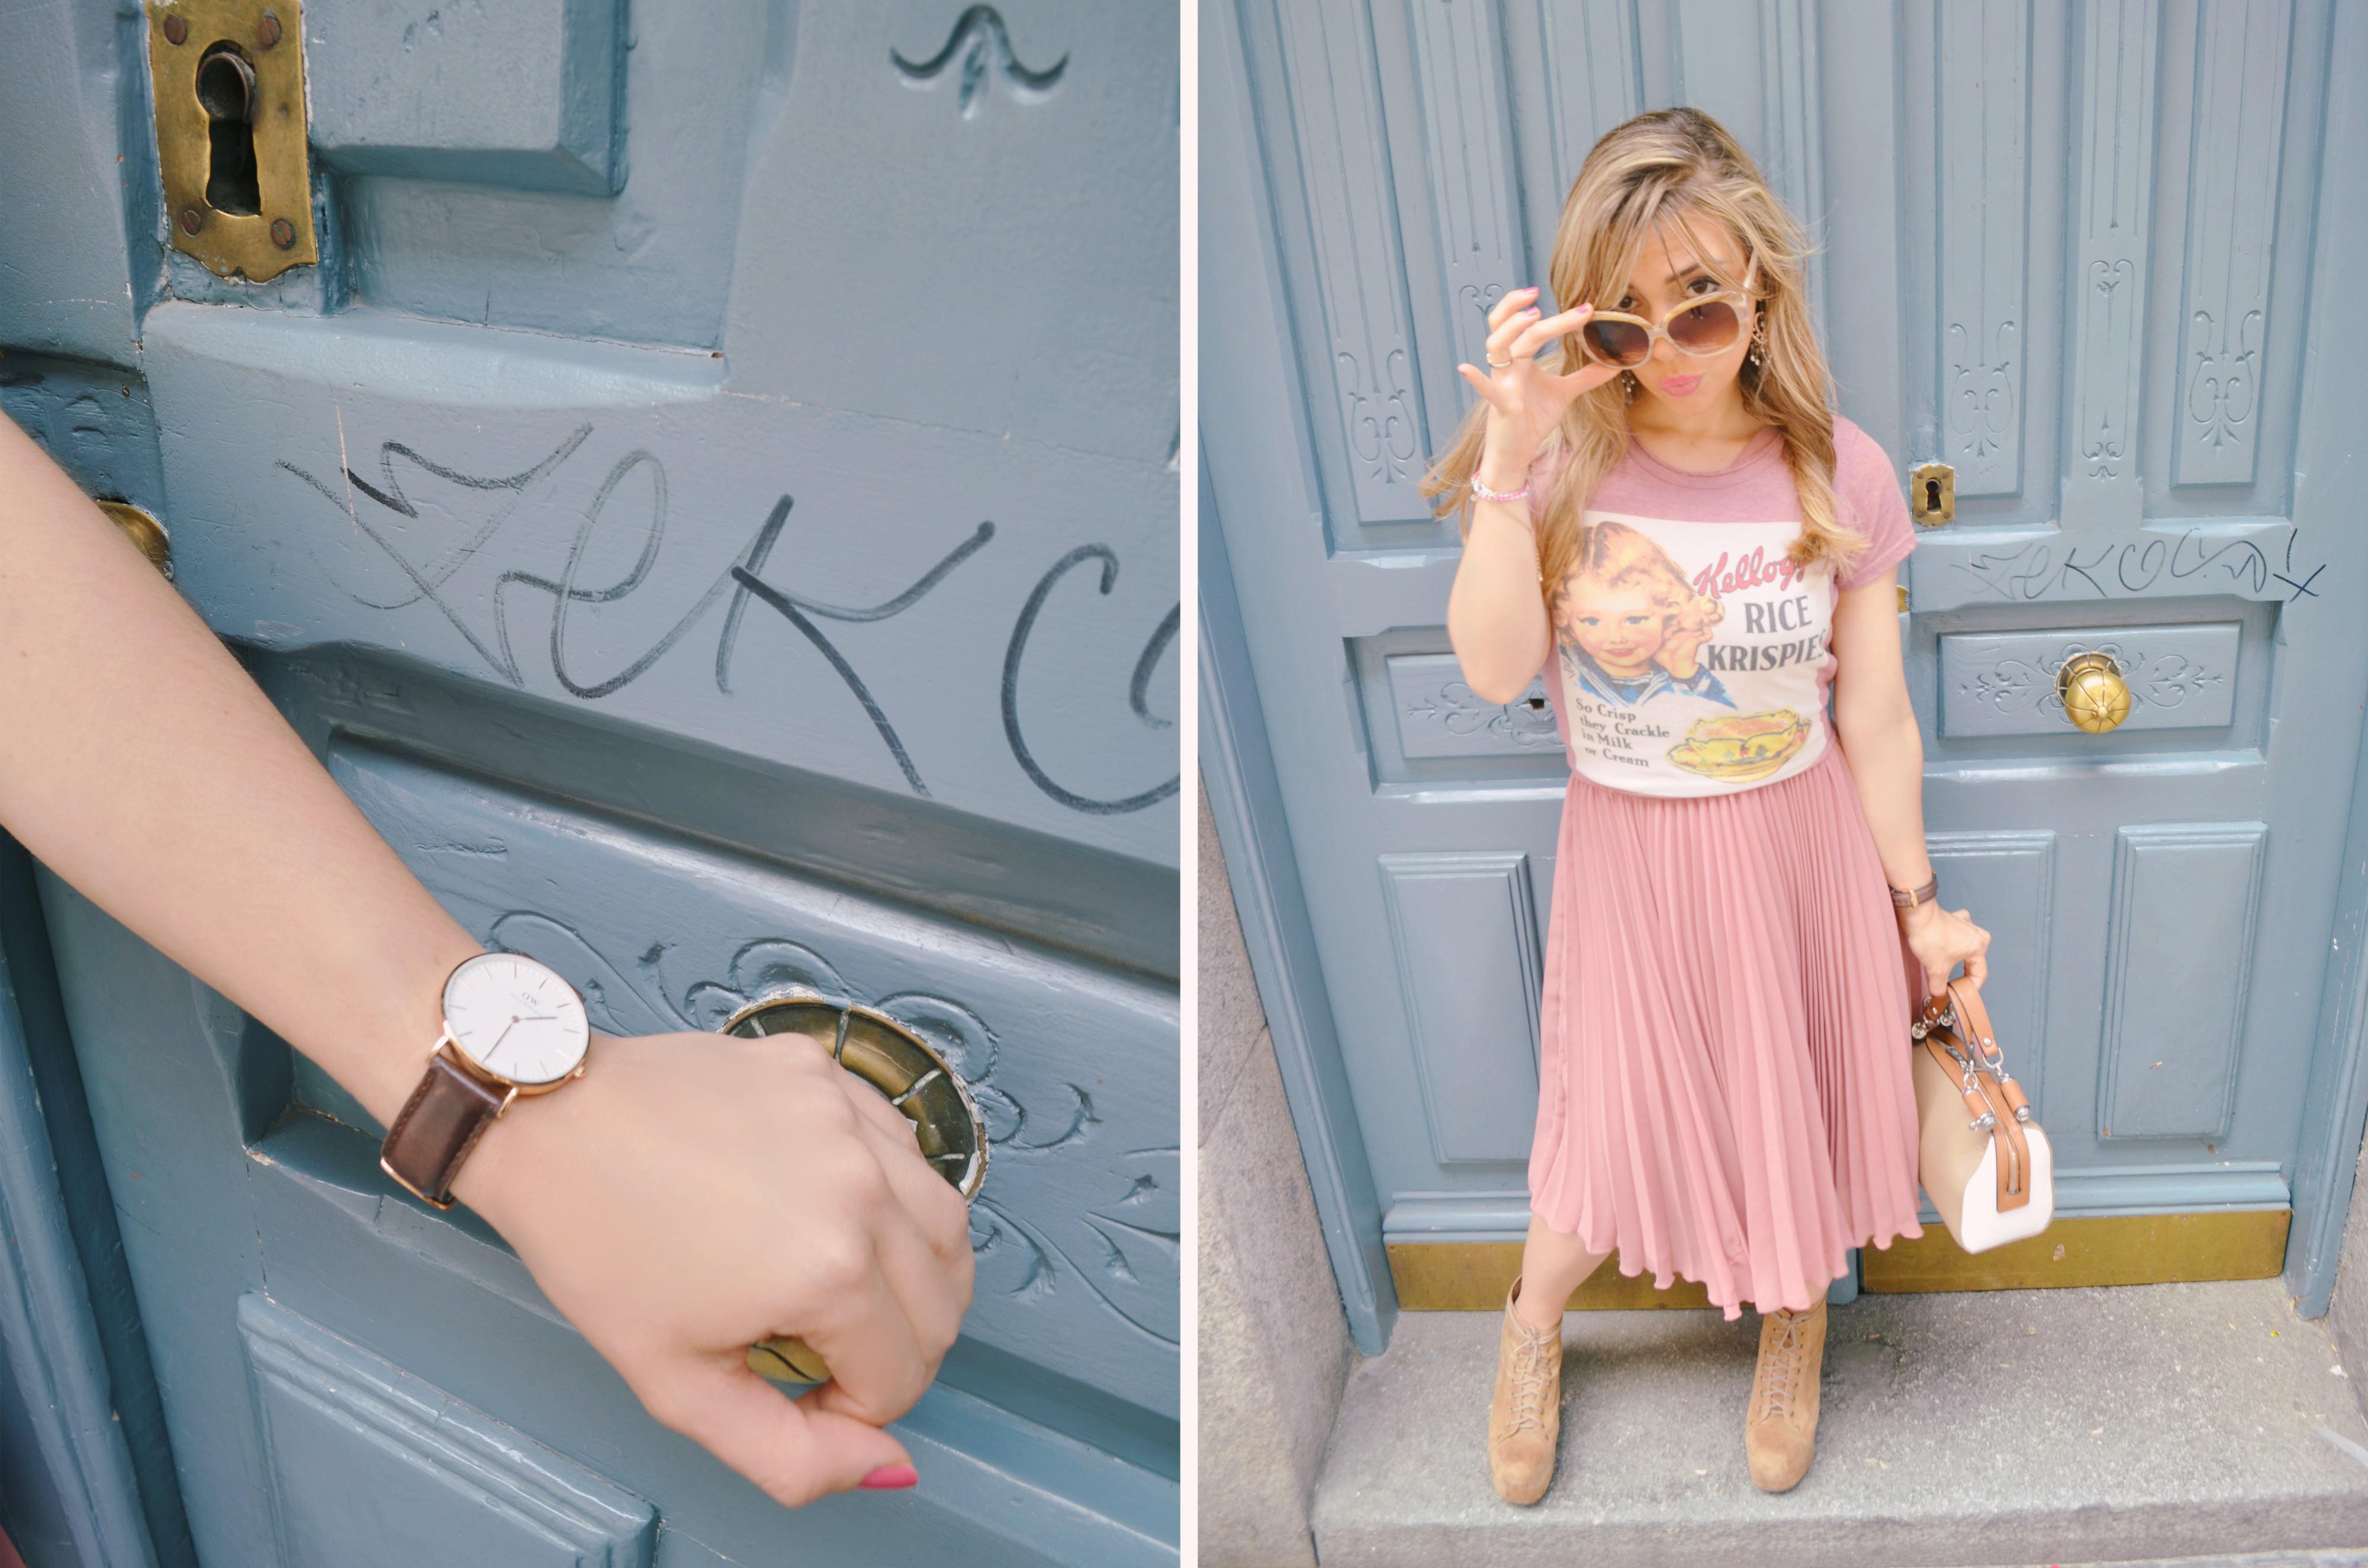 Reloj-Daniel-Wellington-blog-de-moda-fashionista-Pepe-Moll-outfit-con-falda-plisada-rosa-cuarzo-look-PiensaenChic-Piensa-en-Chic